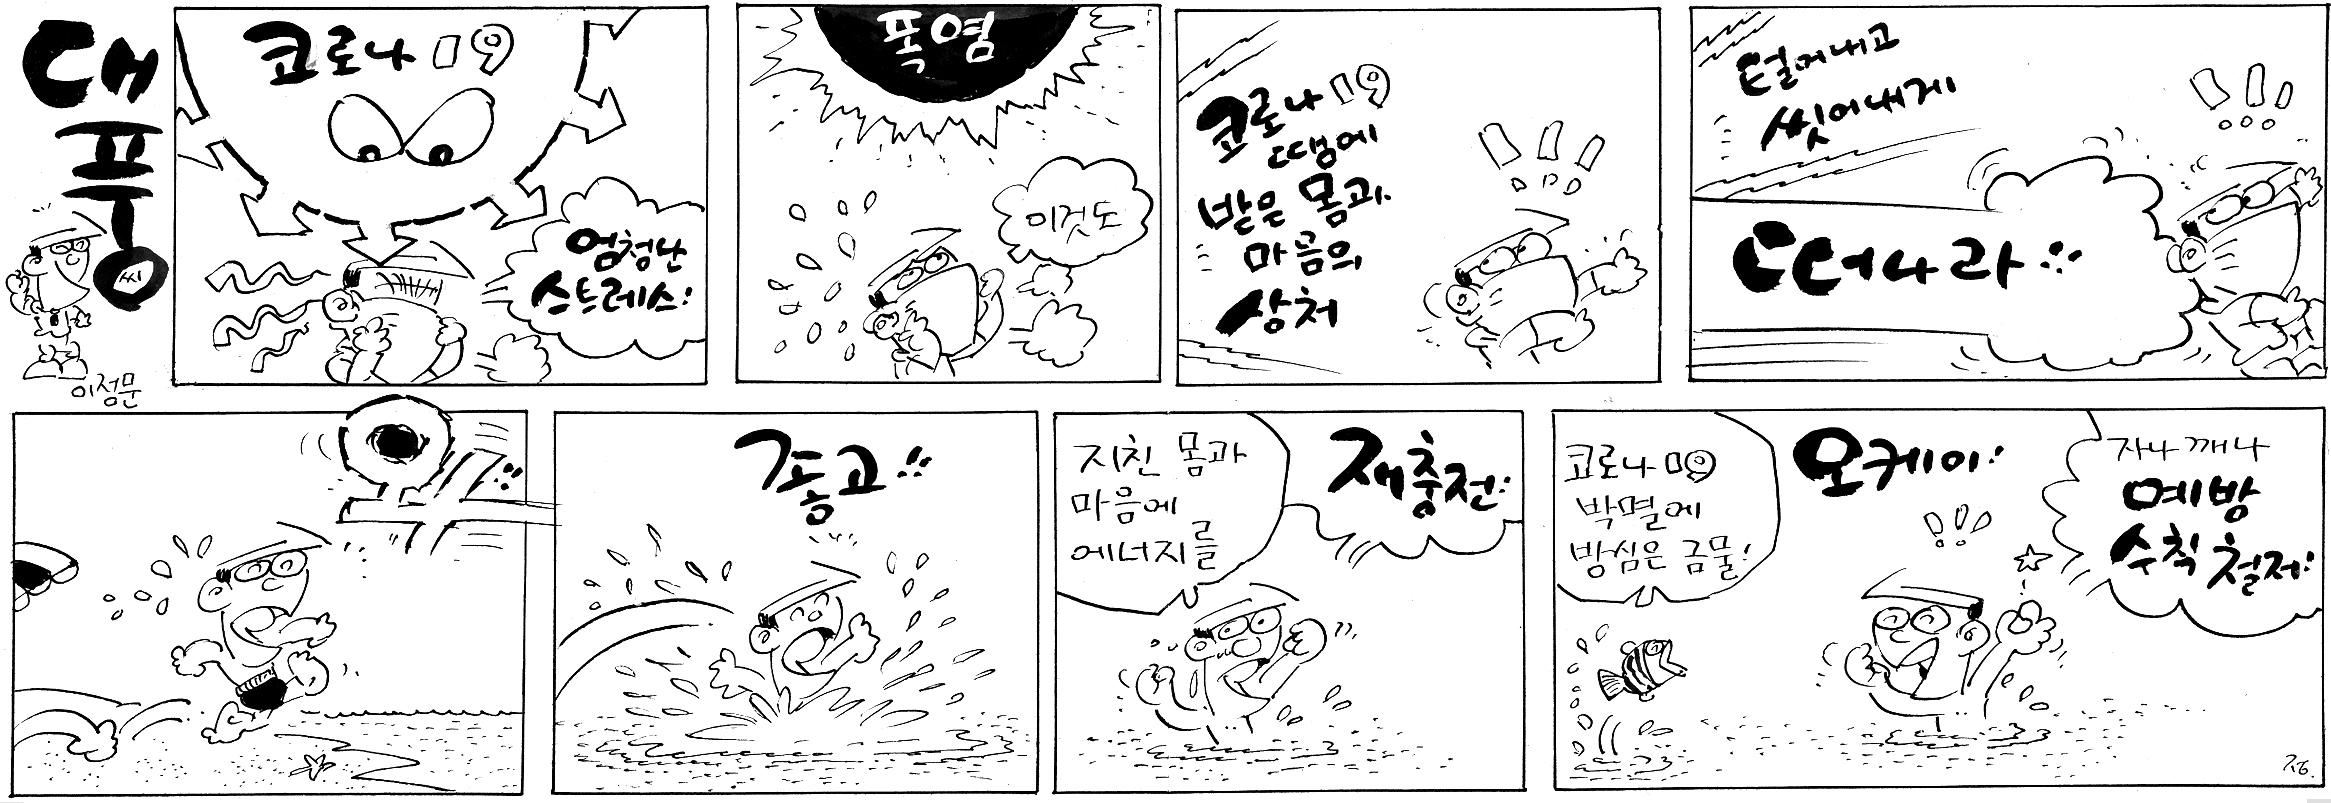 533호 대풍씨